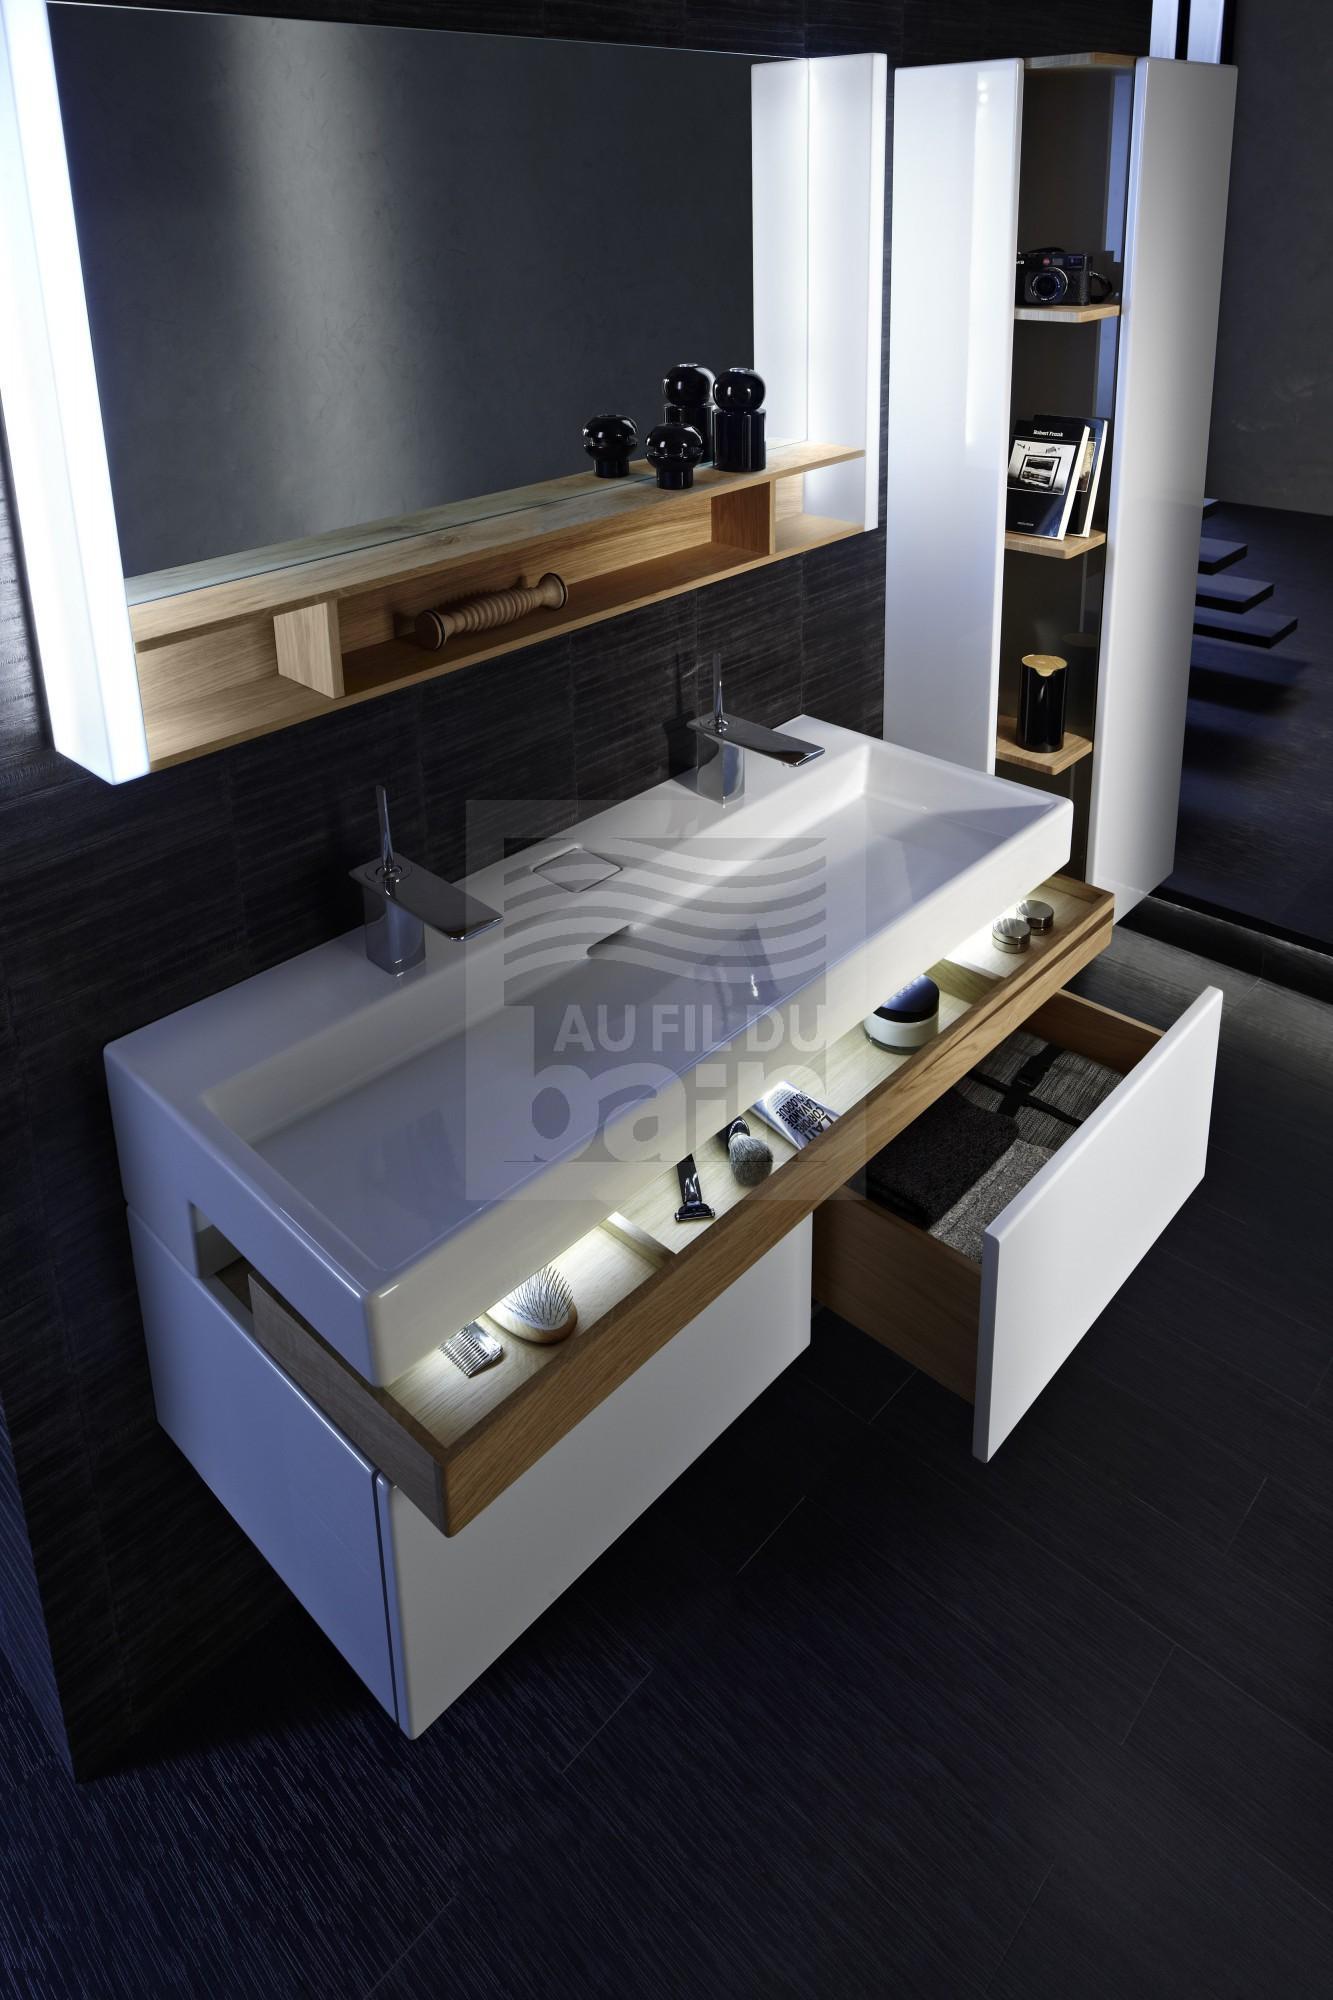 Meubles de salle de bains suspendus simple vasque ceramique jacob delafon magasin pour vente - Magasin pour salle de bain ...